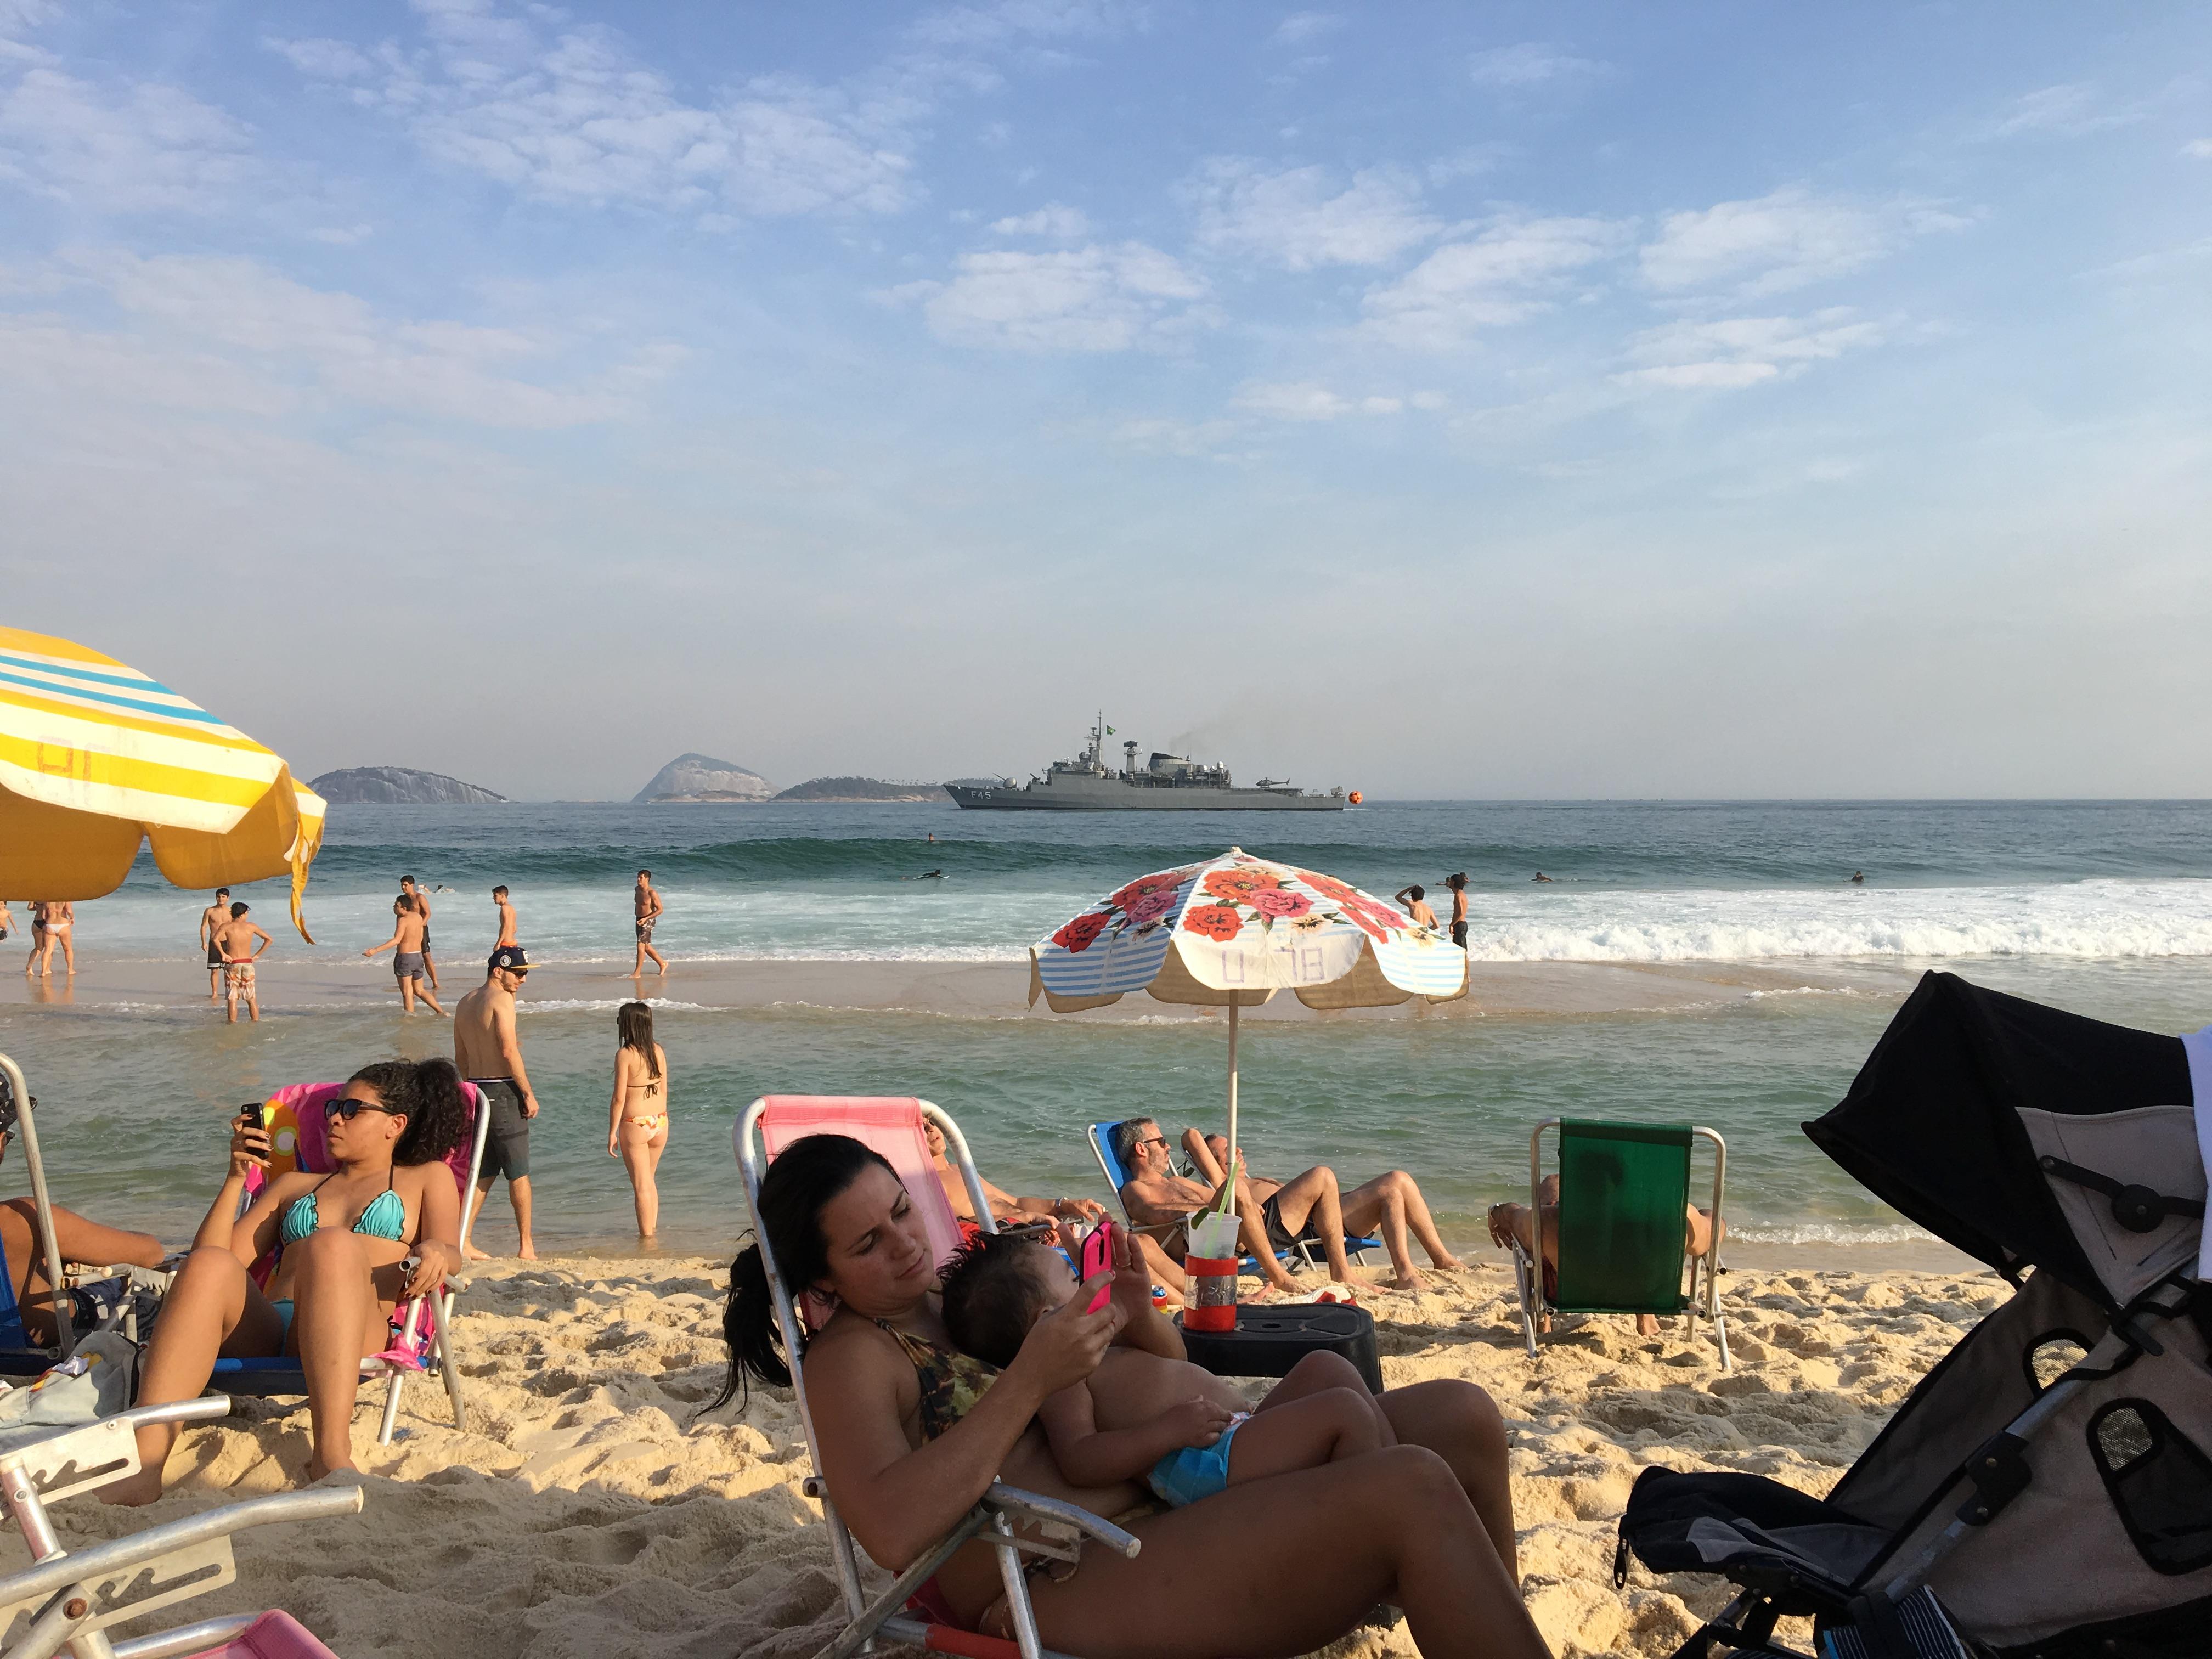 Riowakening Ipanema Beach